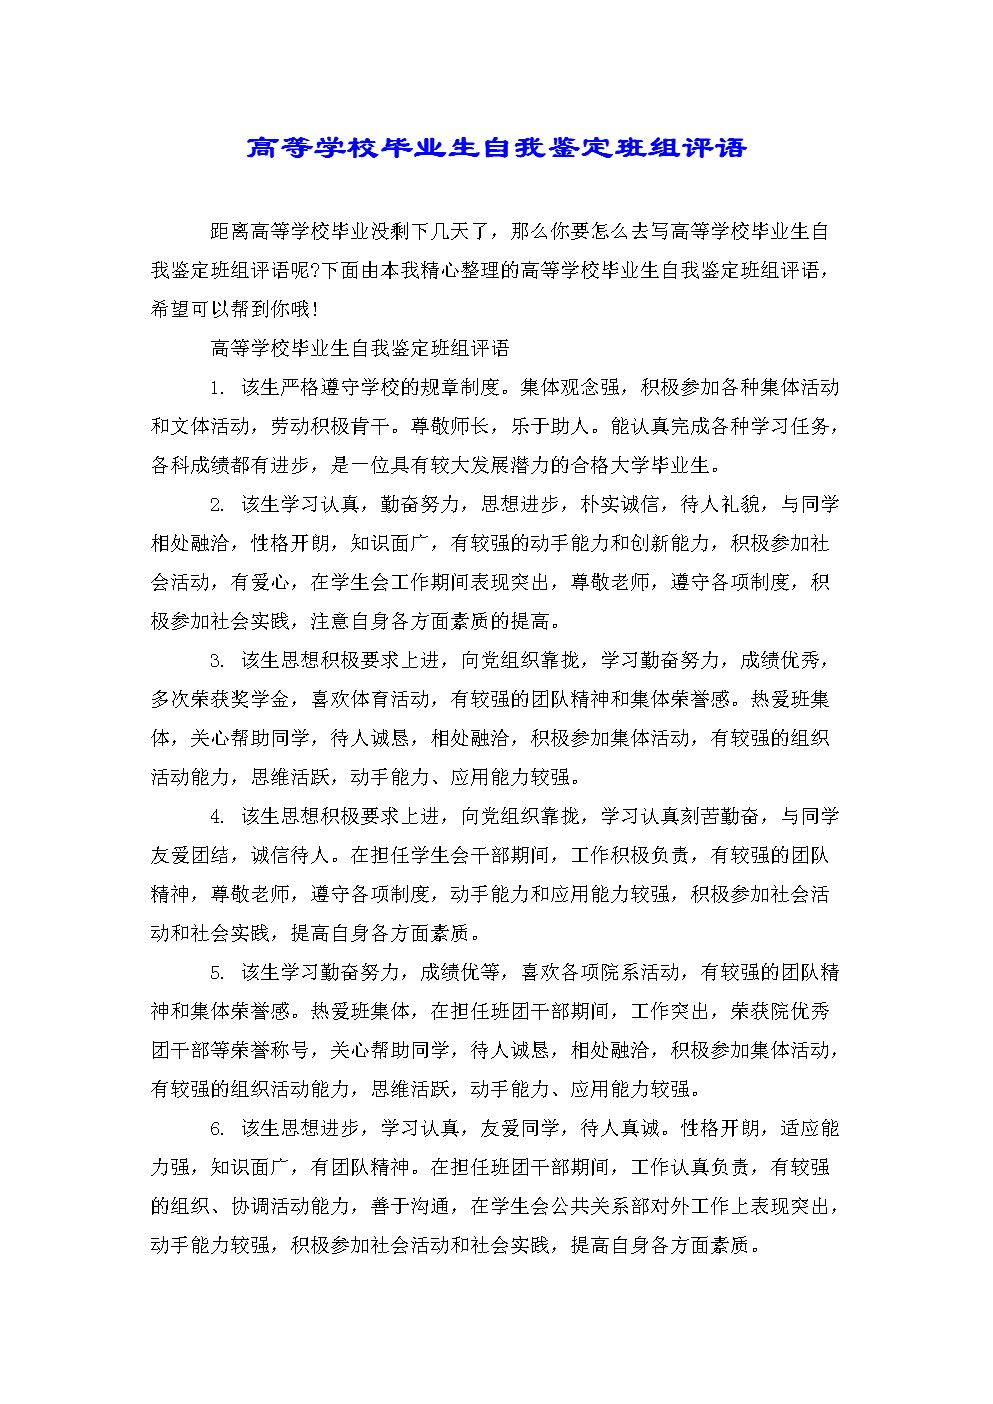 高等学校毕业生自我鉴定班组评语.doc